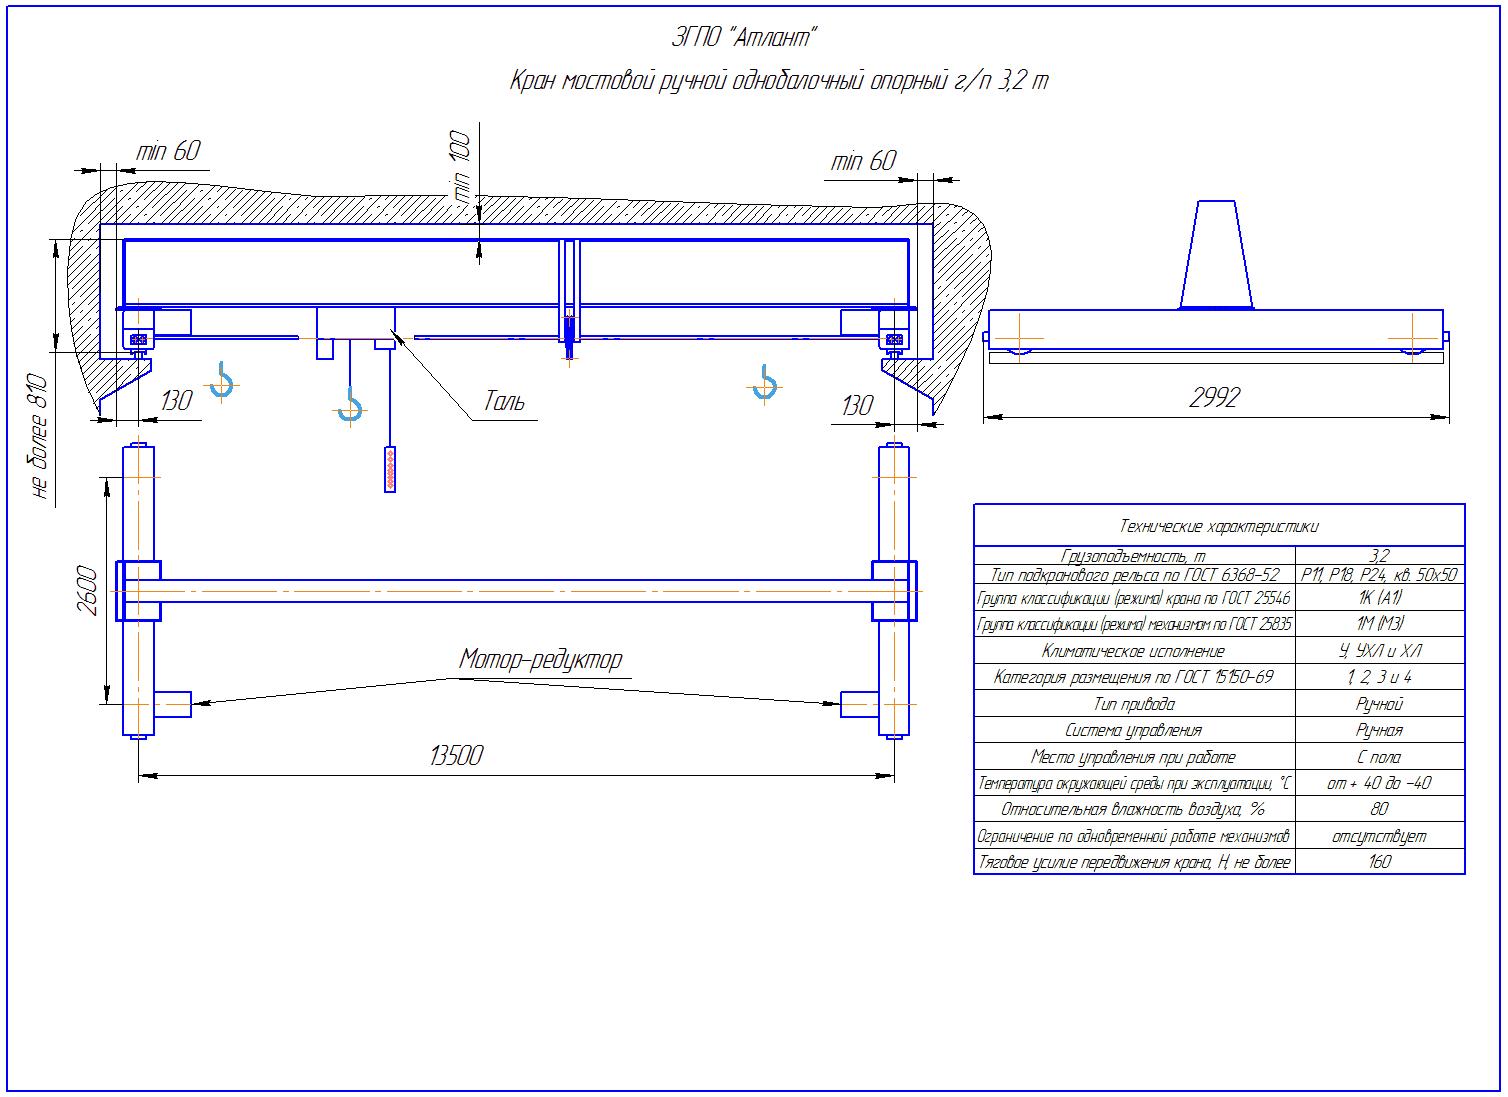 KRMOO 3 135 - Кран ручной мостовой опорный однобалочный